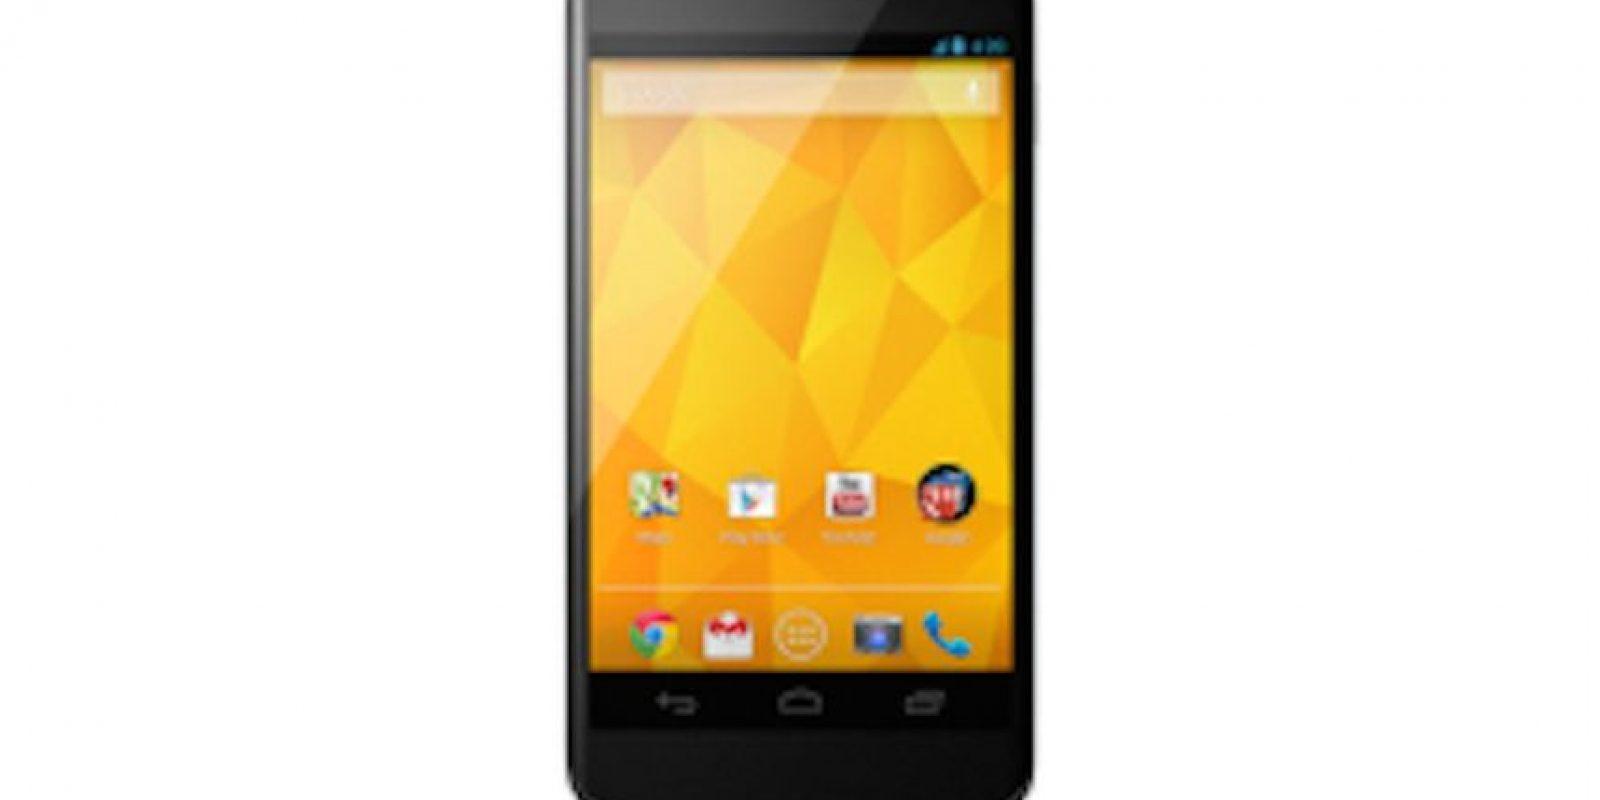 Nexus 4. Desde 109 dólares. No se dejen engañar por el precio, este móvil ha llegado a estar entre los teléfonos de gama alta Foto:Nexus